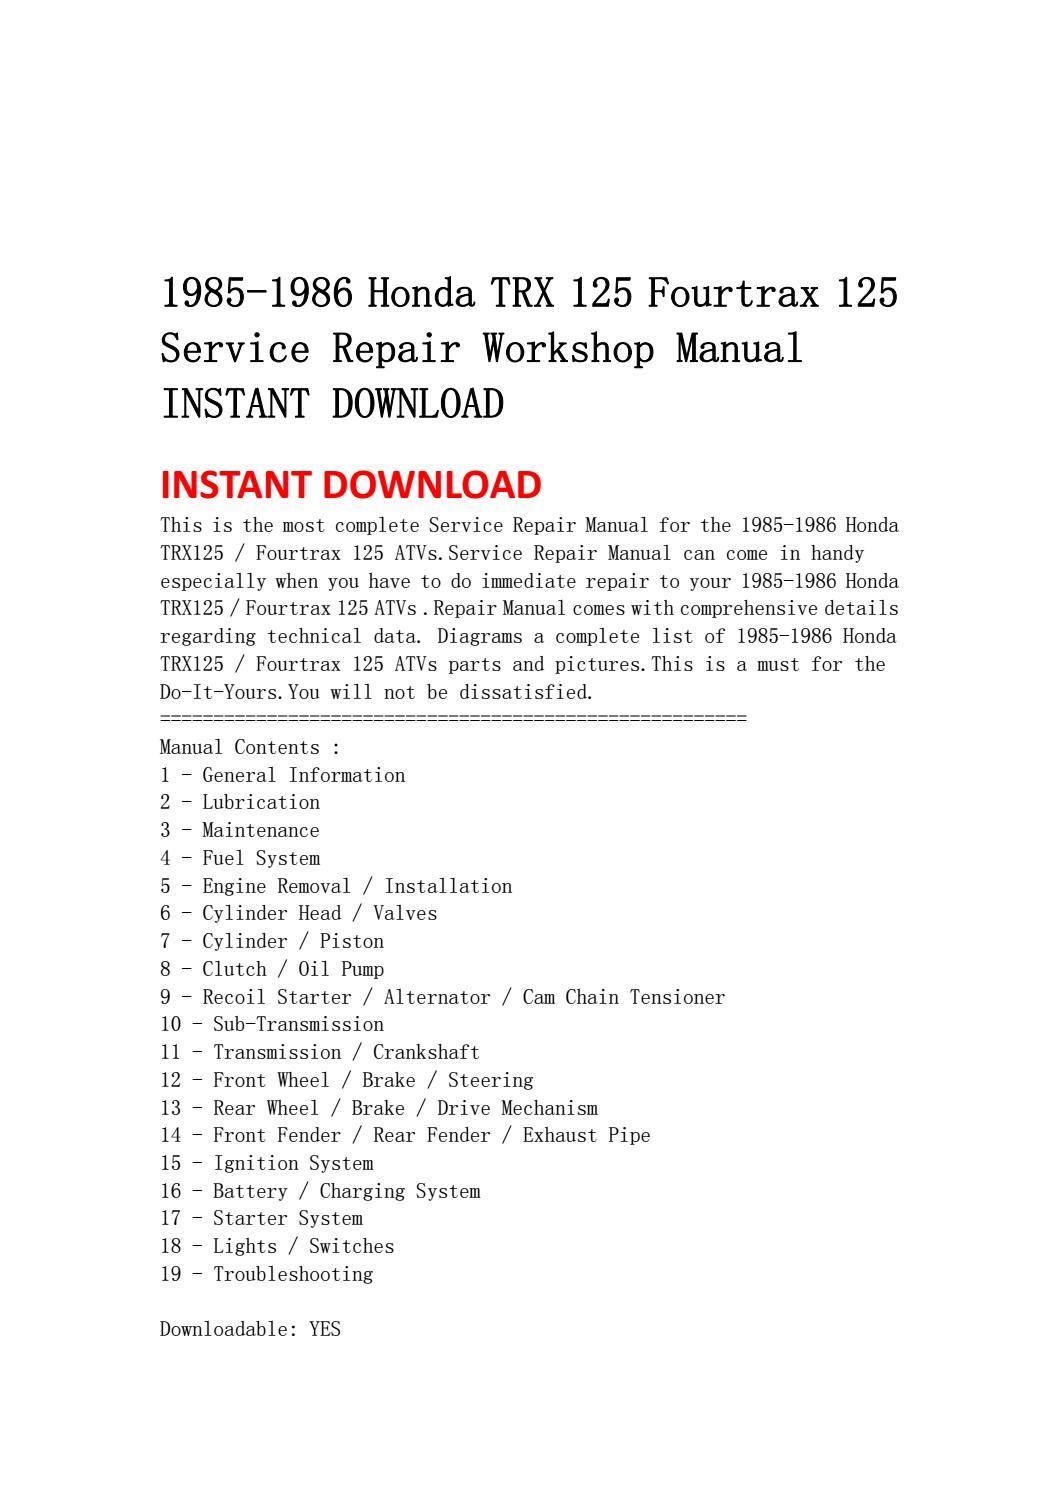 1985 1986 honda trx 125 fourtrax 125 service repair workshop manual instant  download by ksjefnsenfn - issuu